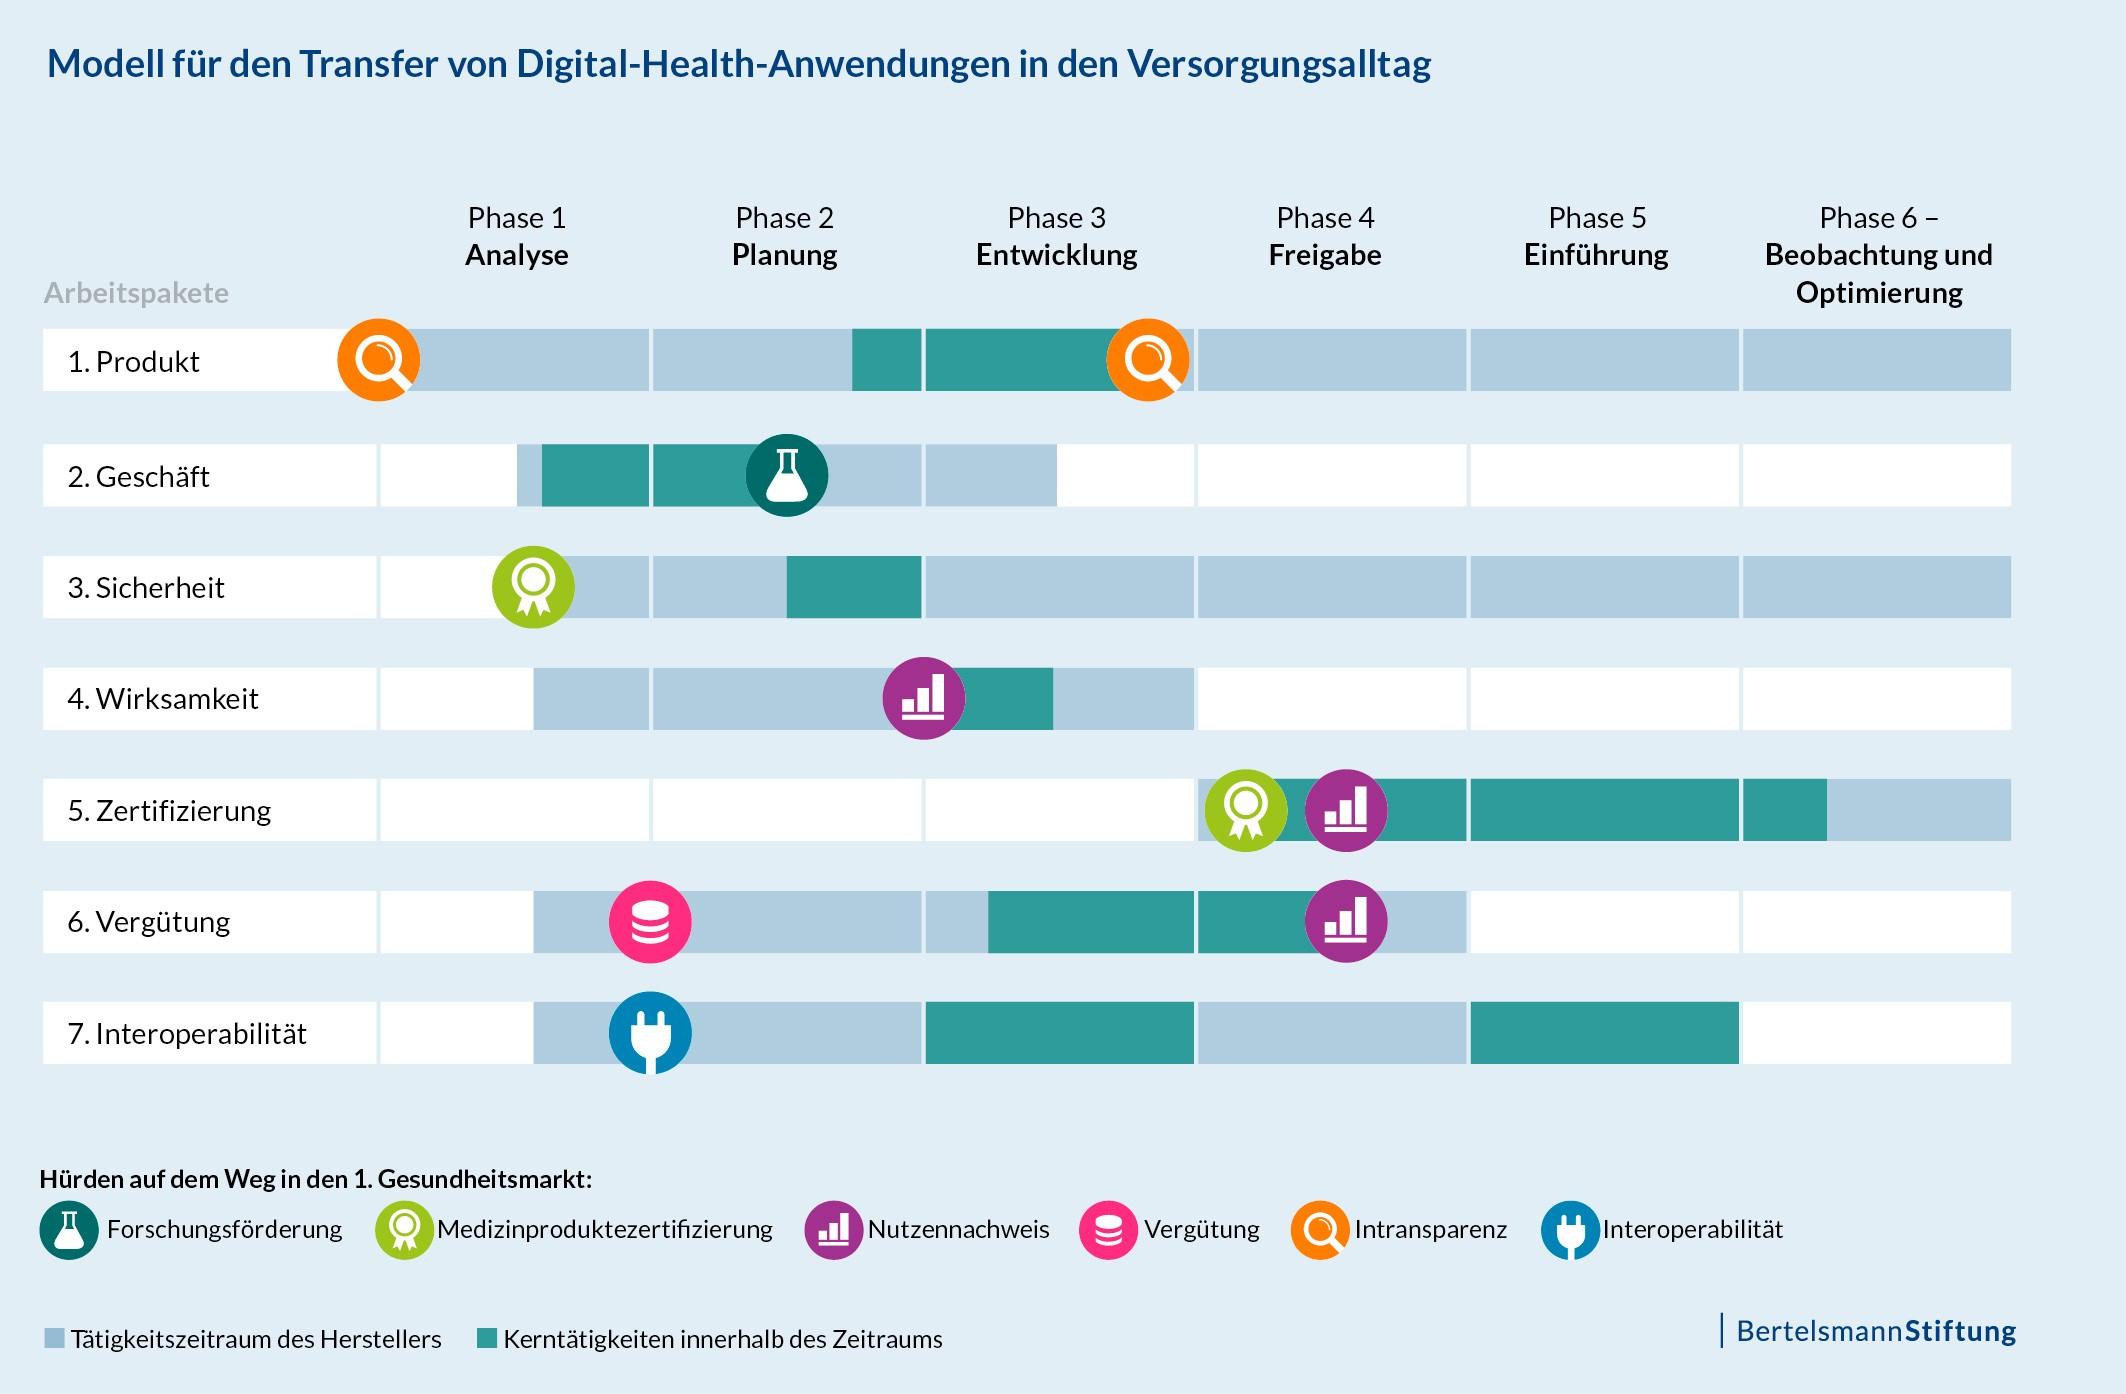 Modell für den Transfer von Digital-Health-Anwendungen in den Versorgungsalltag